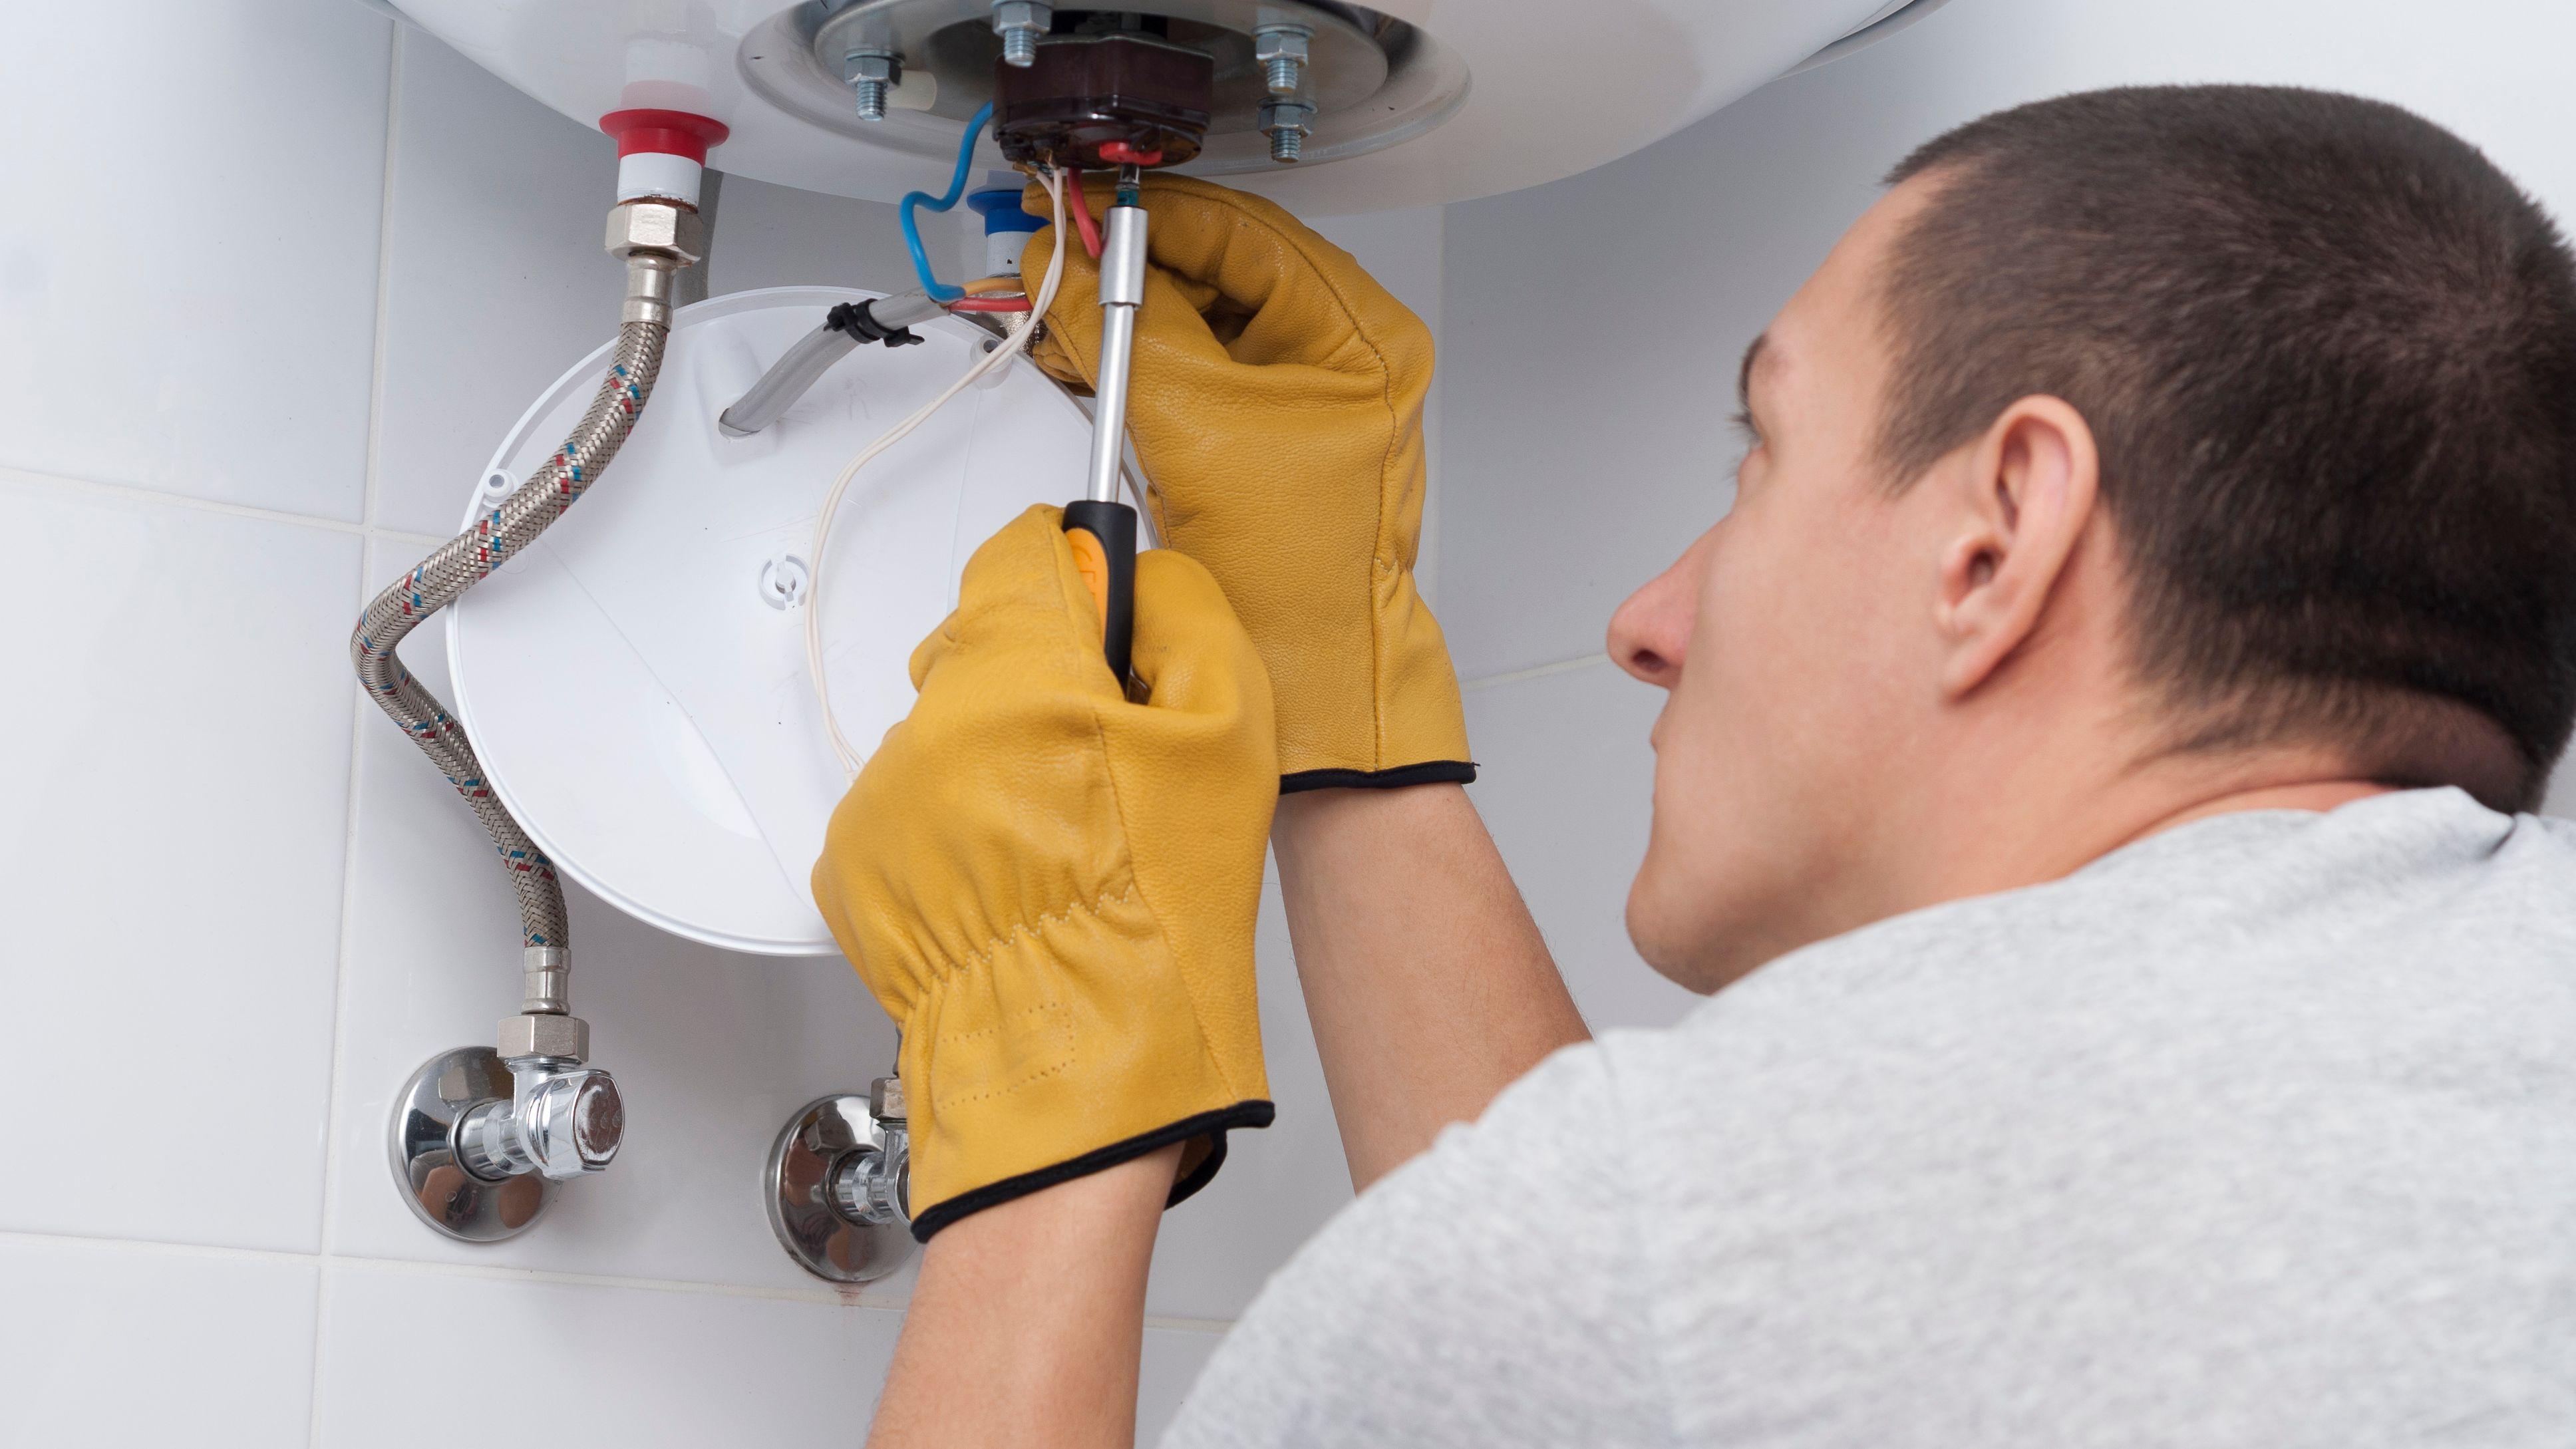 Comment réarmer  la sécurité thermique d'un chauffe-eau électrique